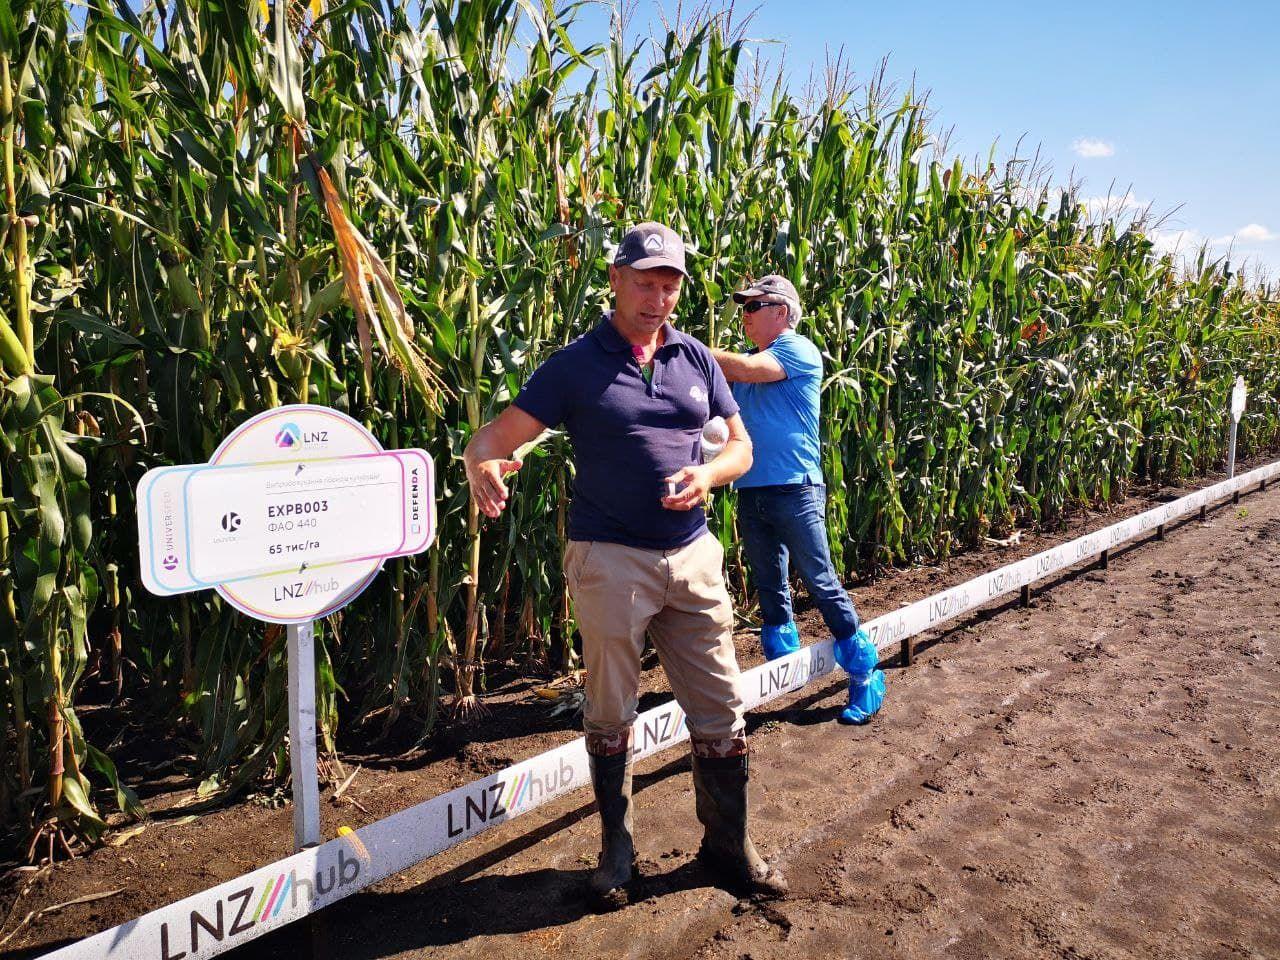 Стало відомо, який гібрид кукурудзи краще вирощувати на зрошенні фото 2 LNZ Group